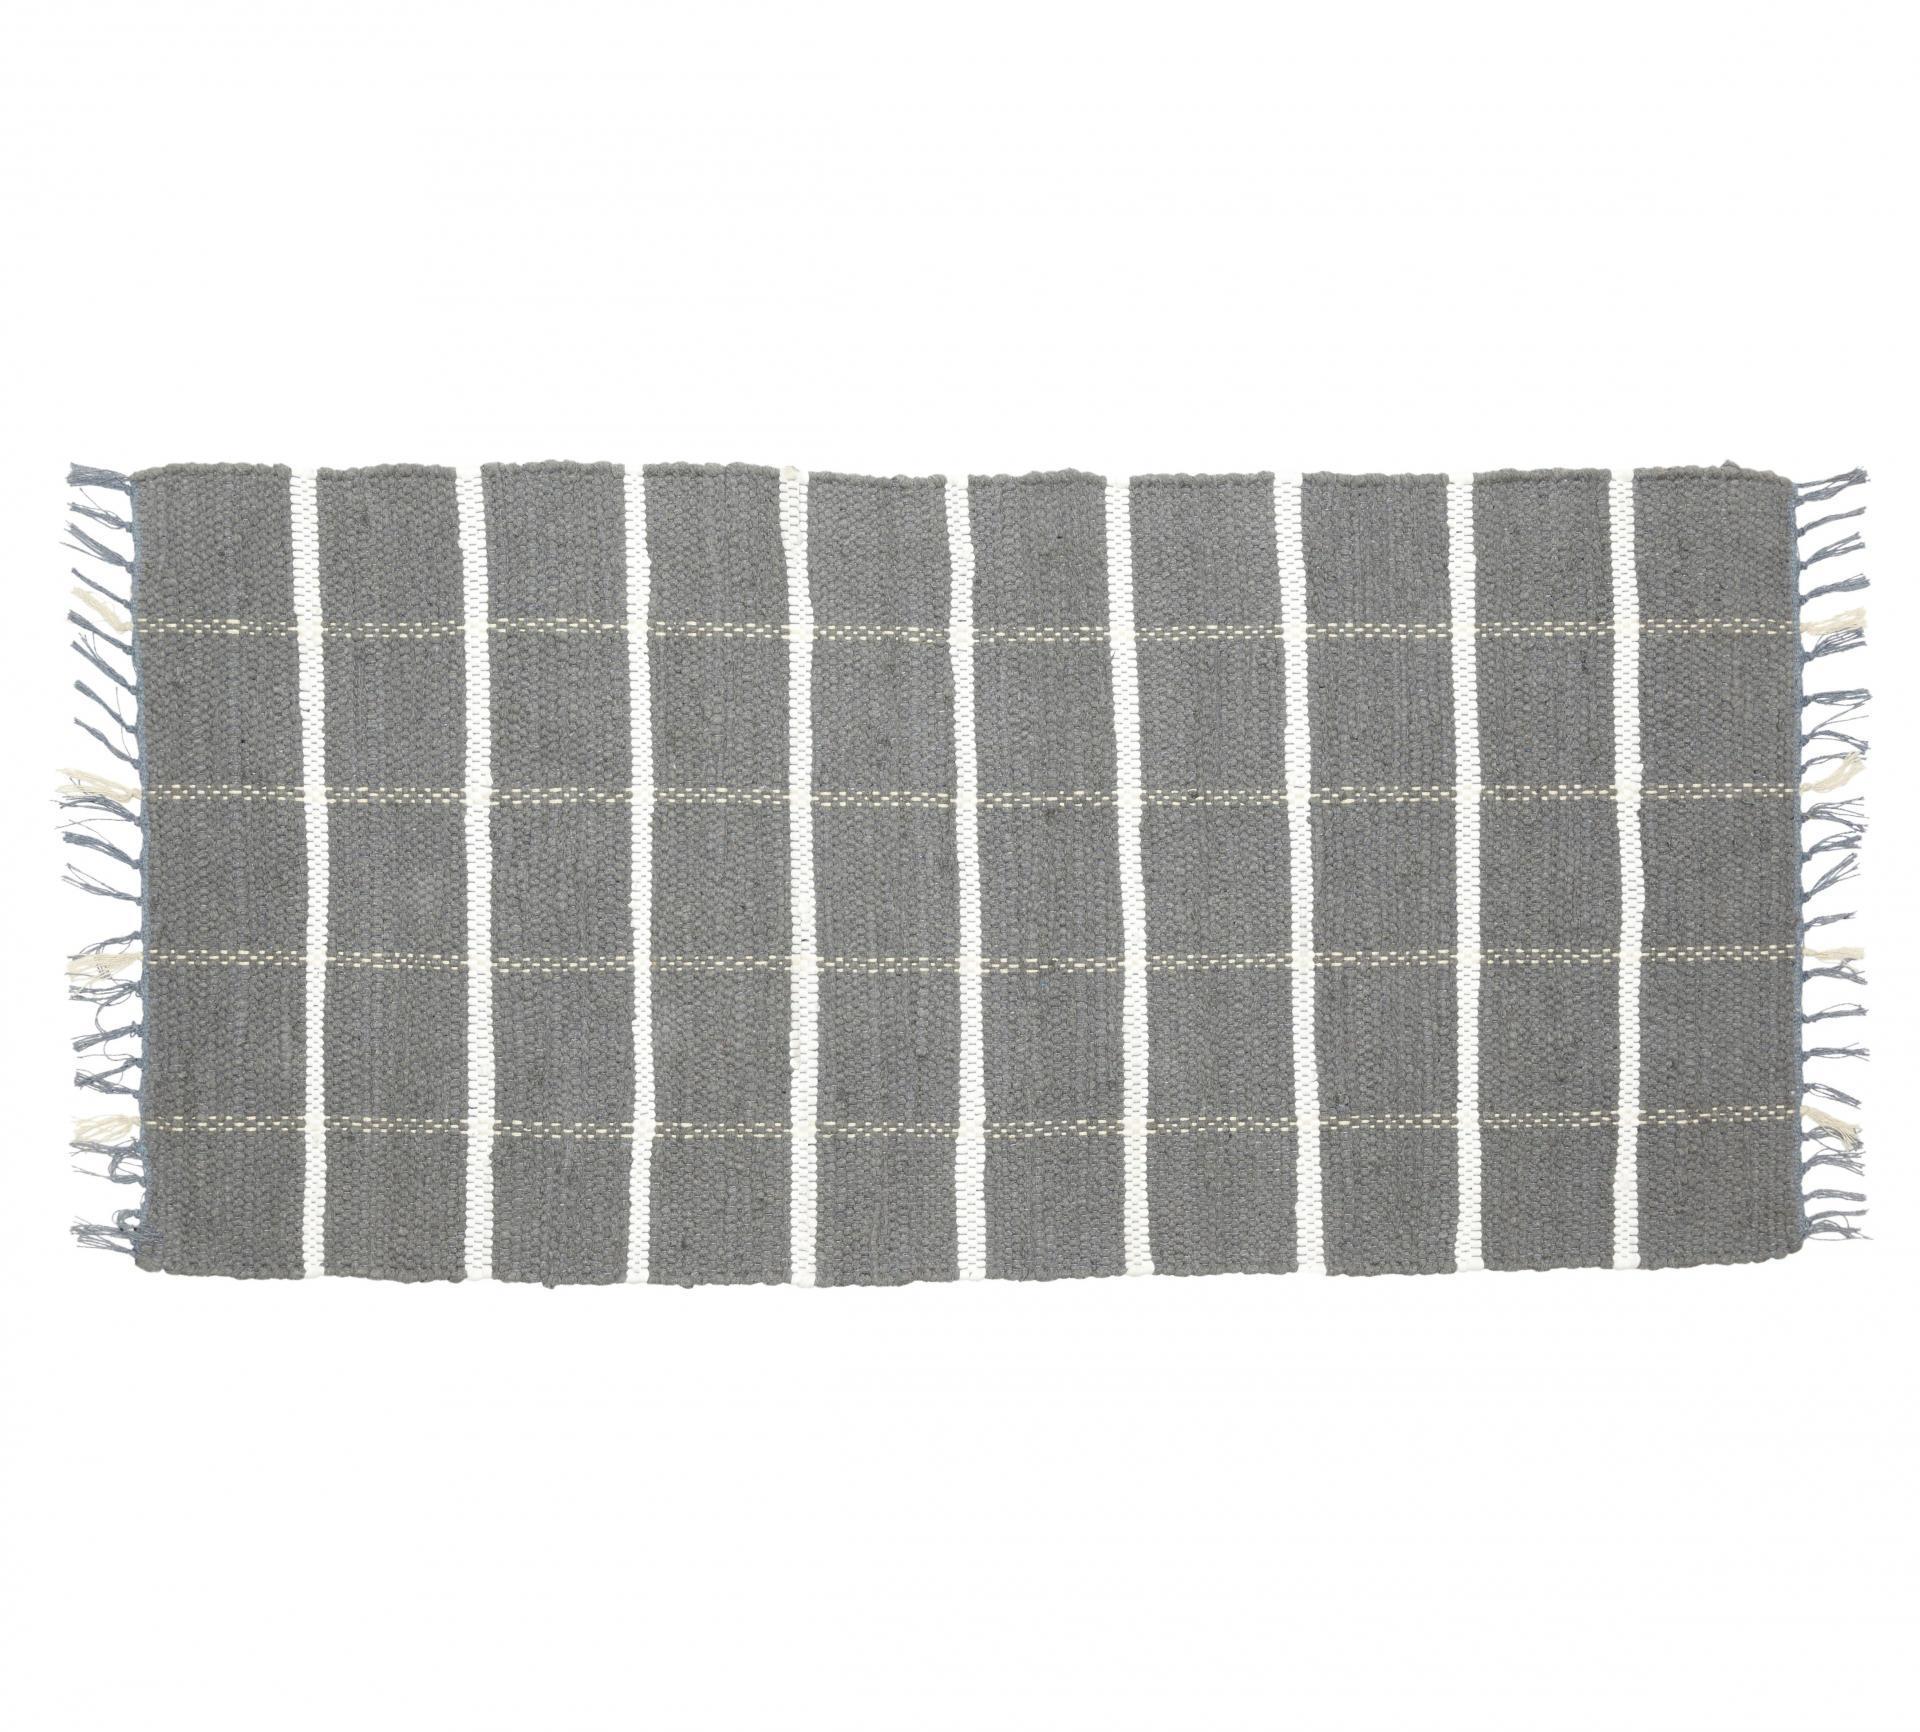 Hübsch Tkaný kobereček Grey/white 60x120 cm, šedá barva, textil